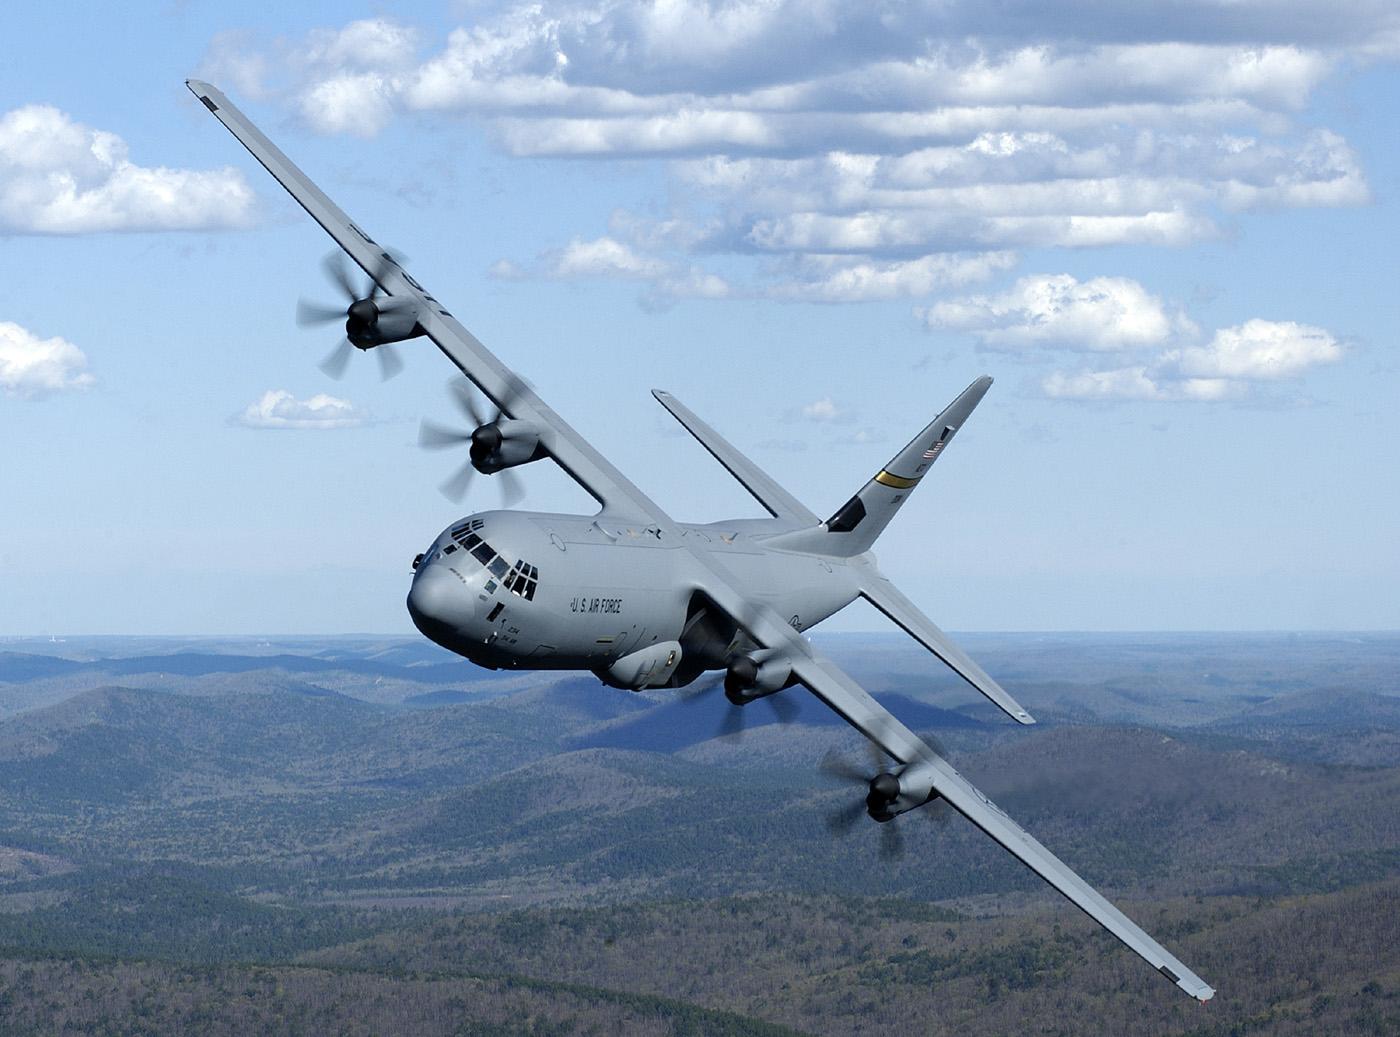 Транспортный самолет С-130J Super Hercules. Источник: nosint.blogspot.com